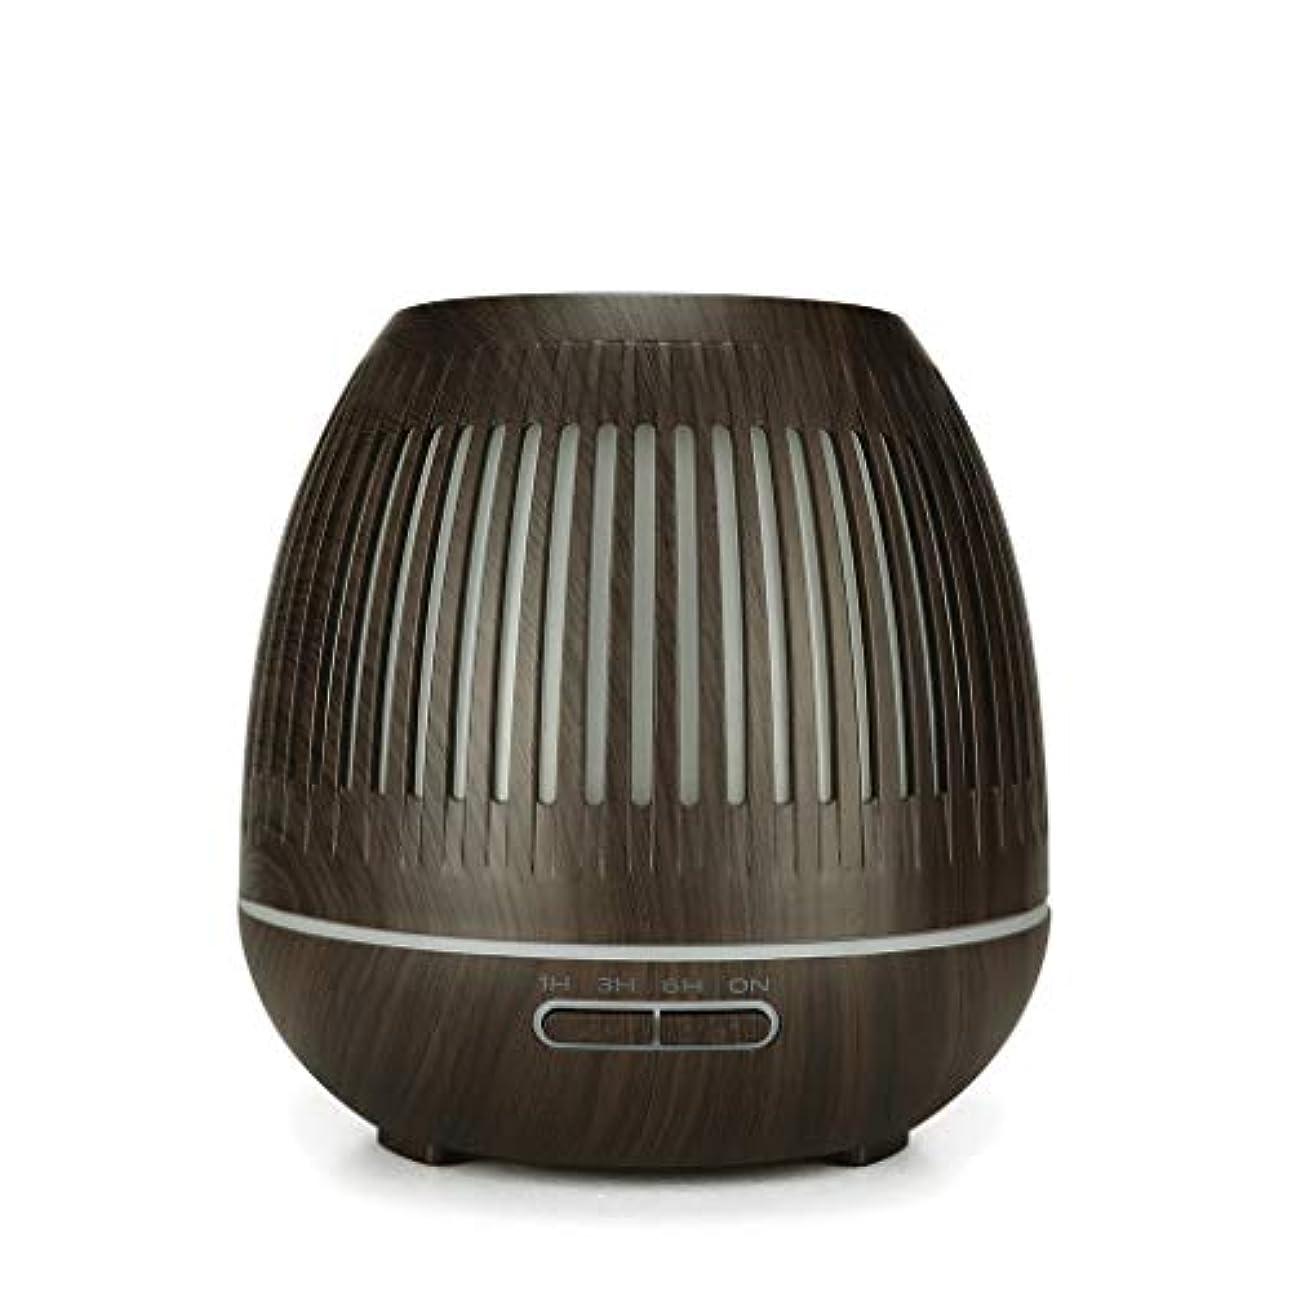 経歴束ねるマザーランド400ミリリットル超音波クールミスト加湿器付きカラーledライト用ホームヨガオフィススパ寝室ベビールーム - ウッドグレインディフューザー (Color : Dark wood grain)